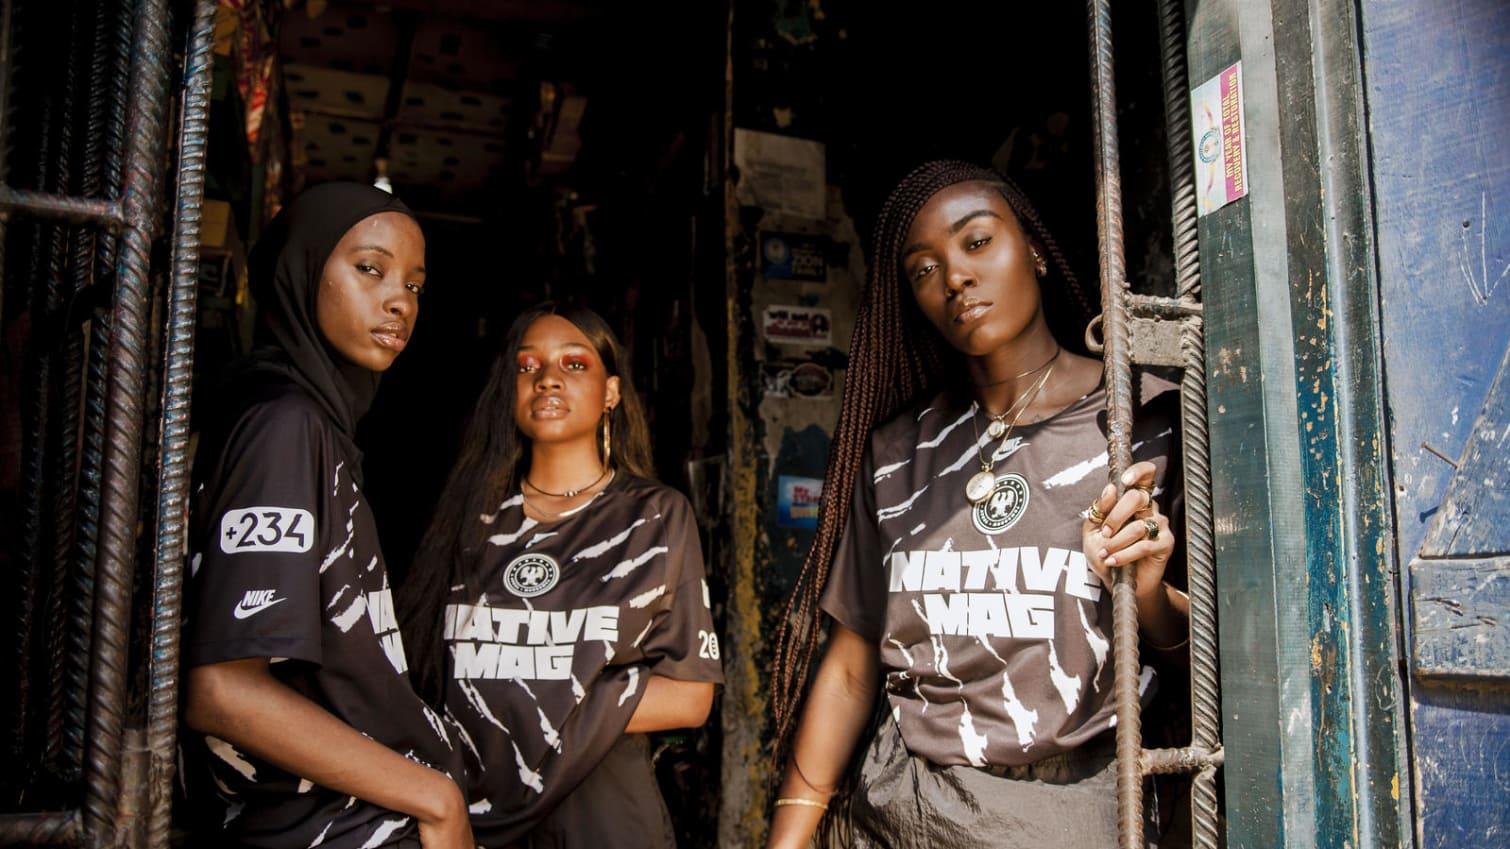 """من هو المصمم النيجيري الشاب الذي صمم قميصاً خاصاً مع """"نايكي"""""""